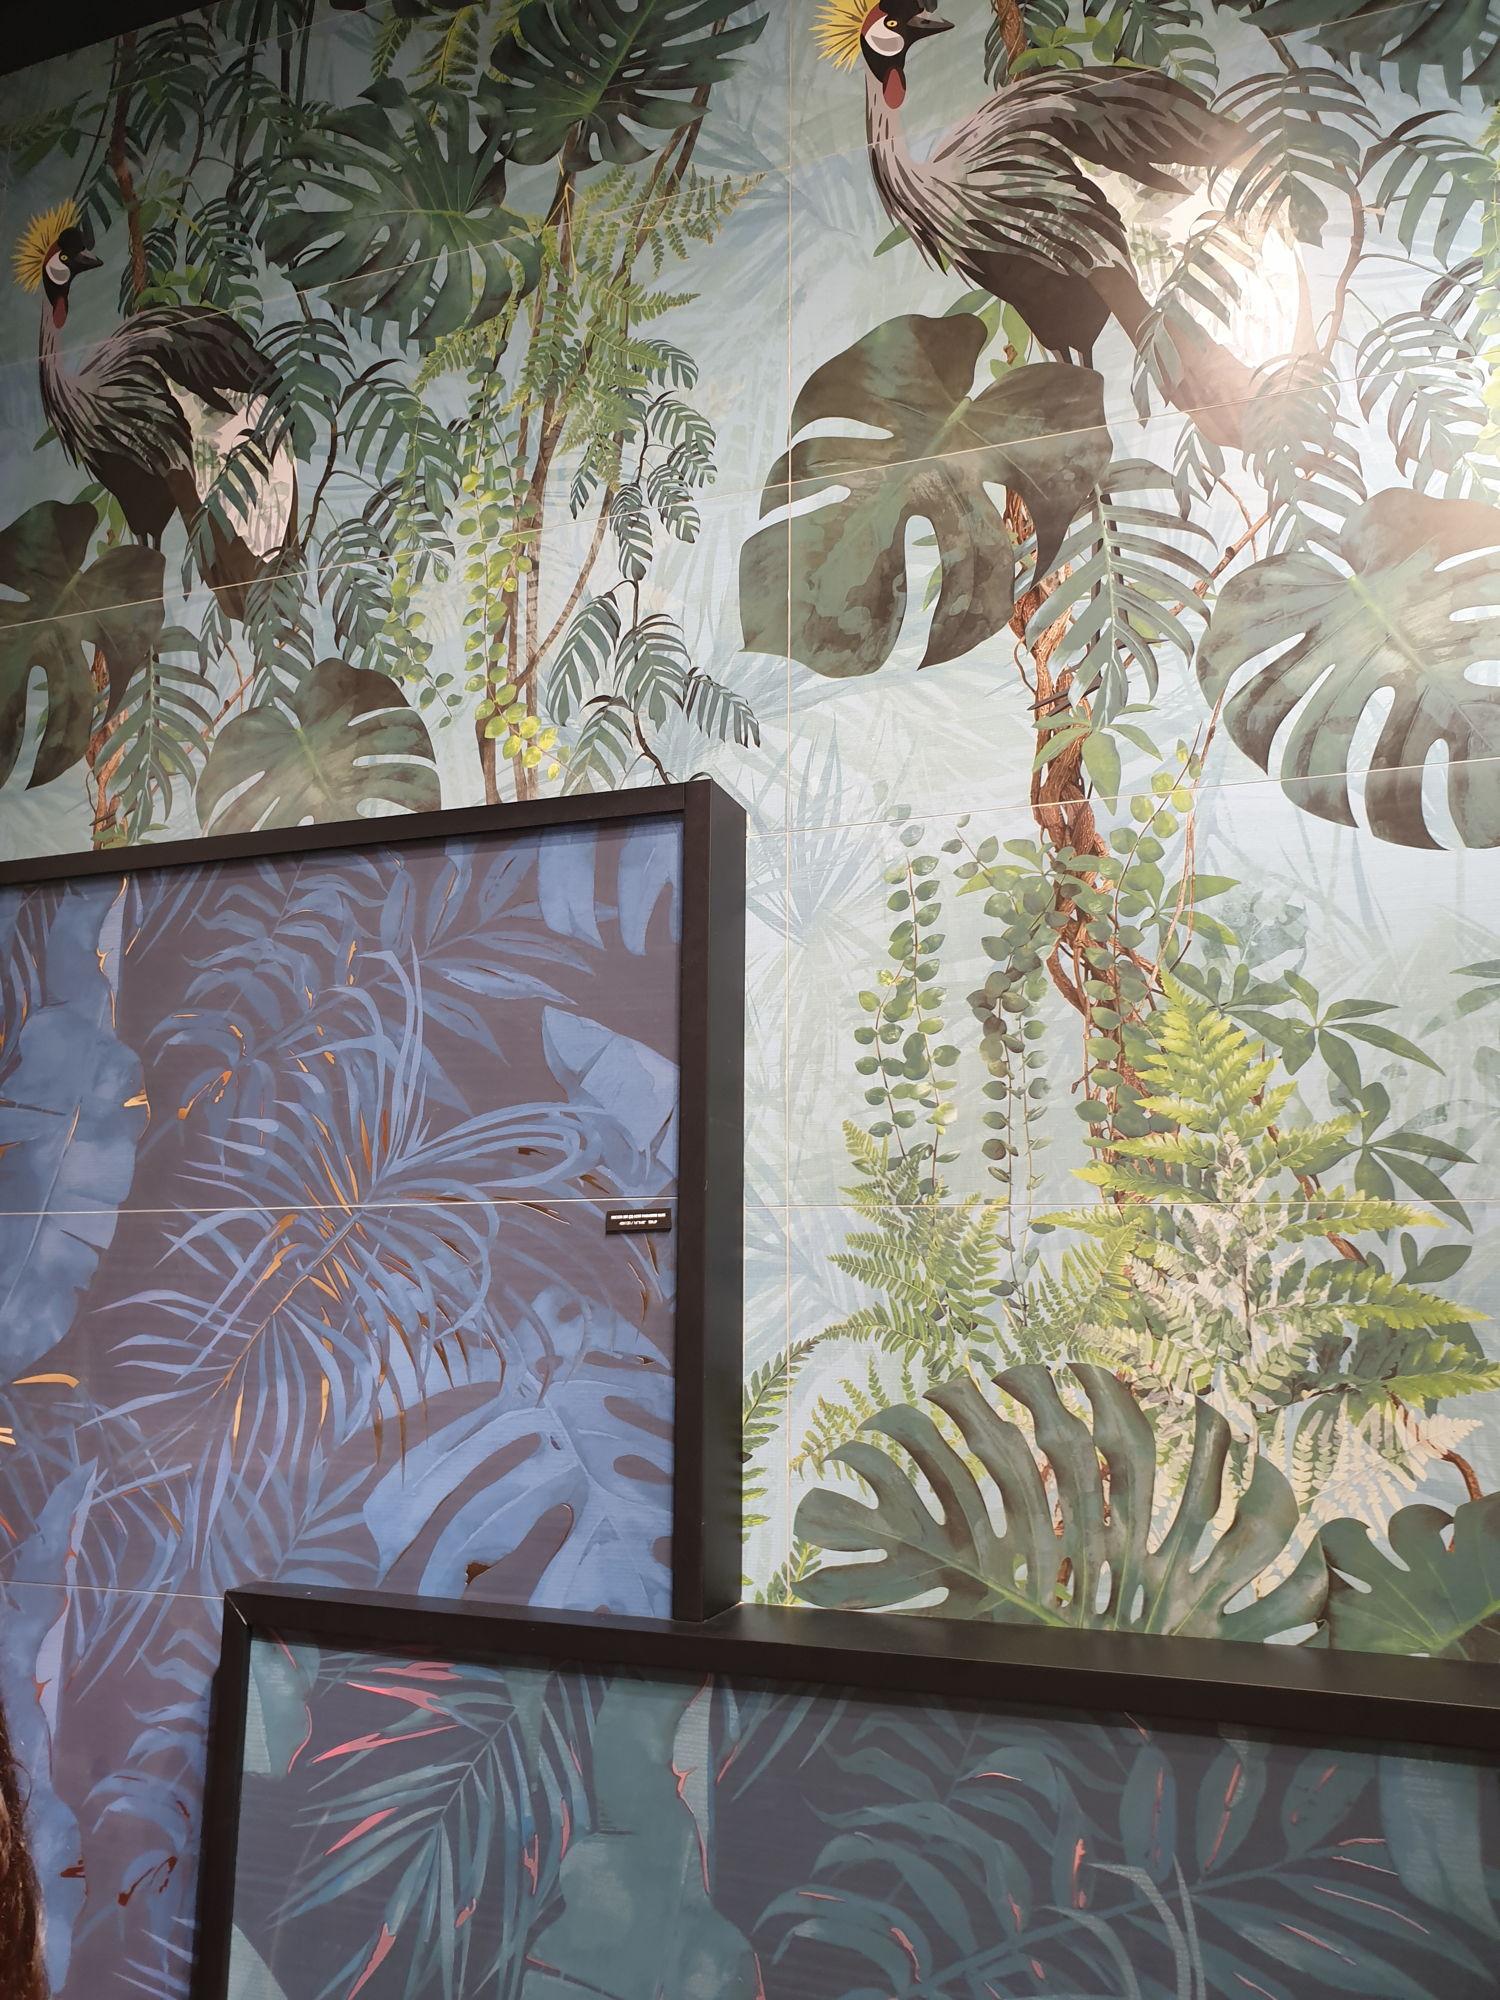 Płytki dekoracyjne APE z motywem dżungli, ptaków i kwiatu monstery